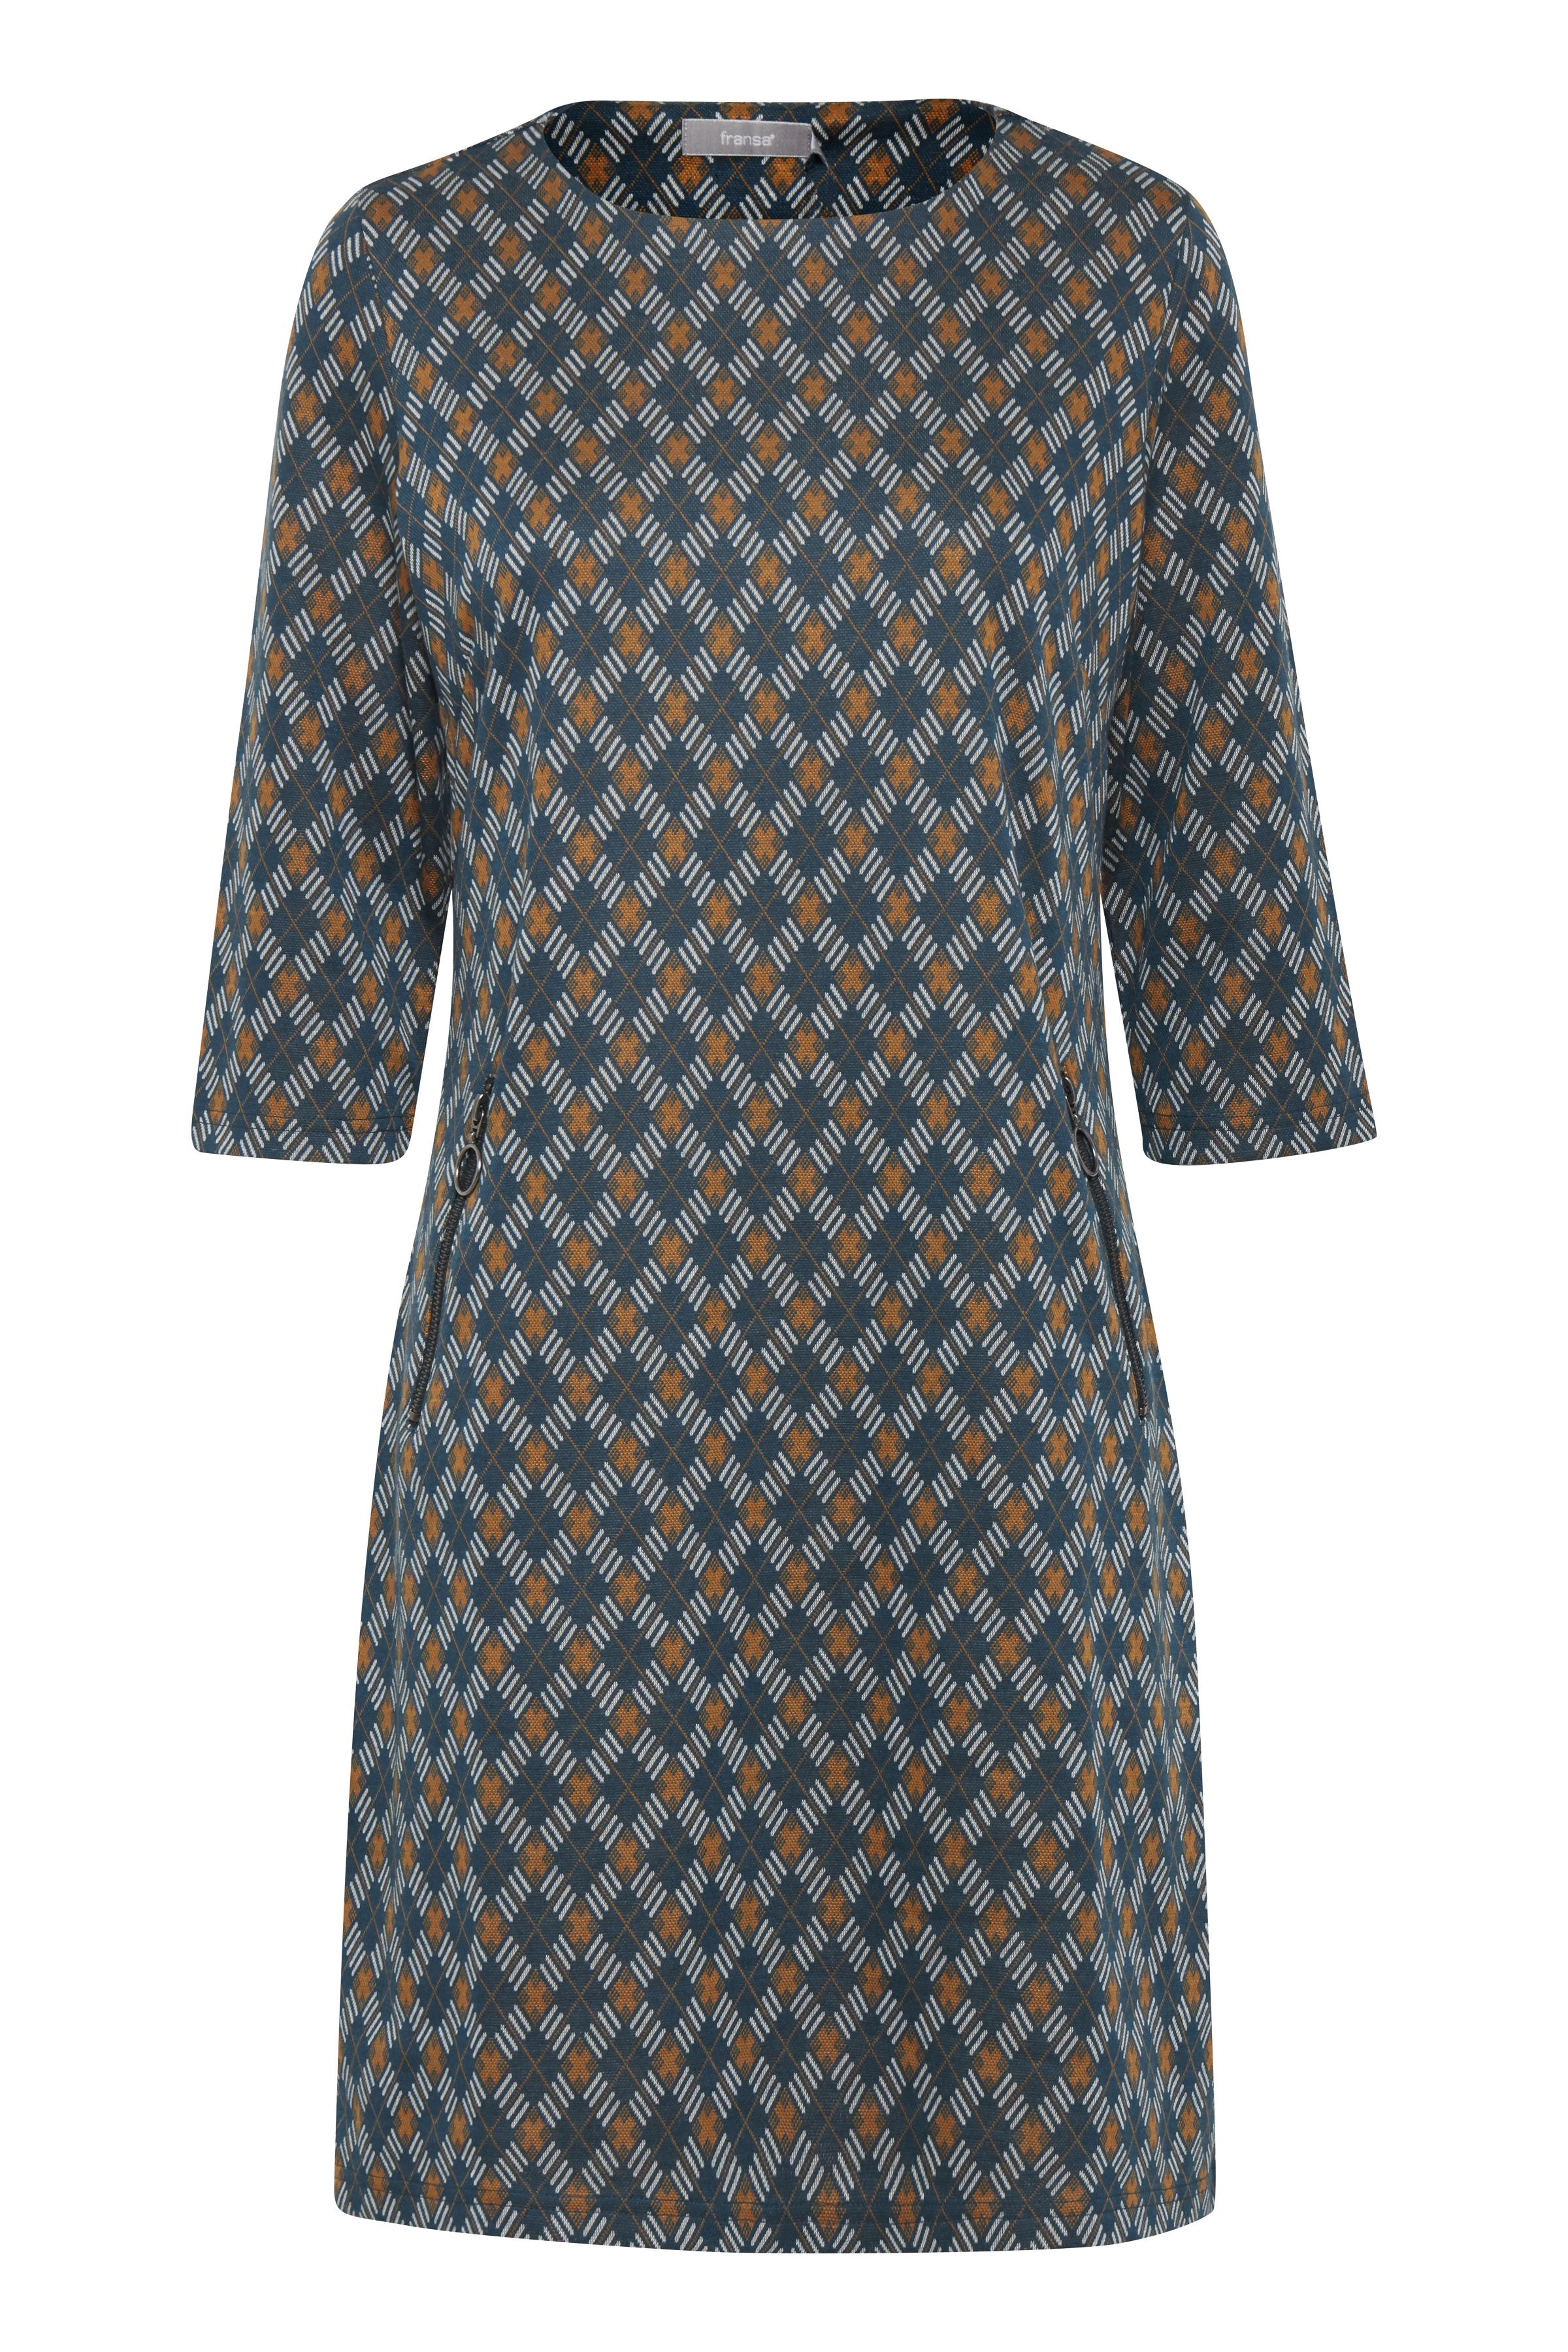 Fransa Dame Blød jersey kjole - Petrol/karry